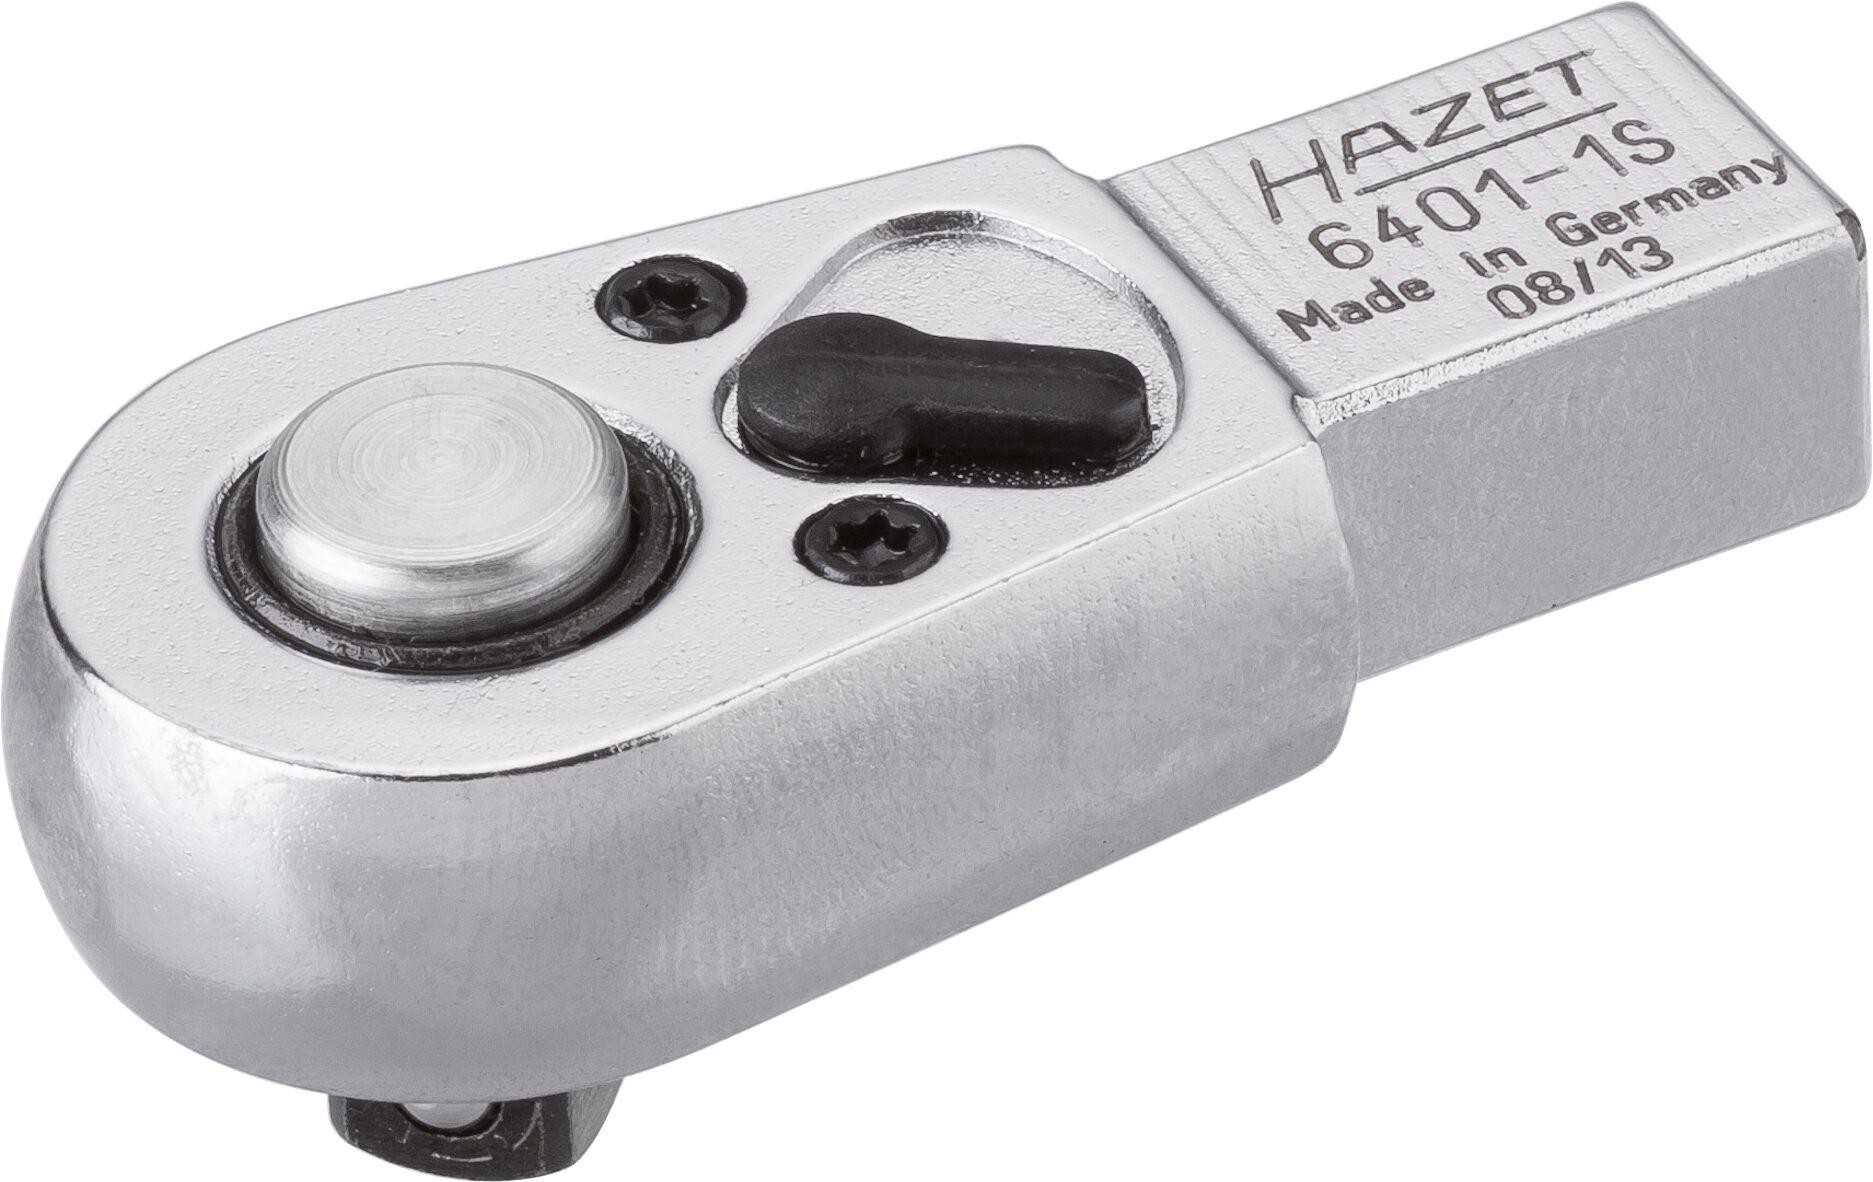 HAZET Einsteck-Umschaltknarre 6401-1S ∙ Einsteck-Vierkant 9 x 12 mm ∙ Vierkant massiv 6,3 mm (1/4 Zoll)